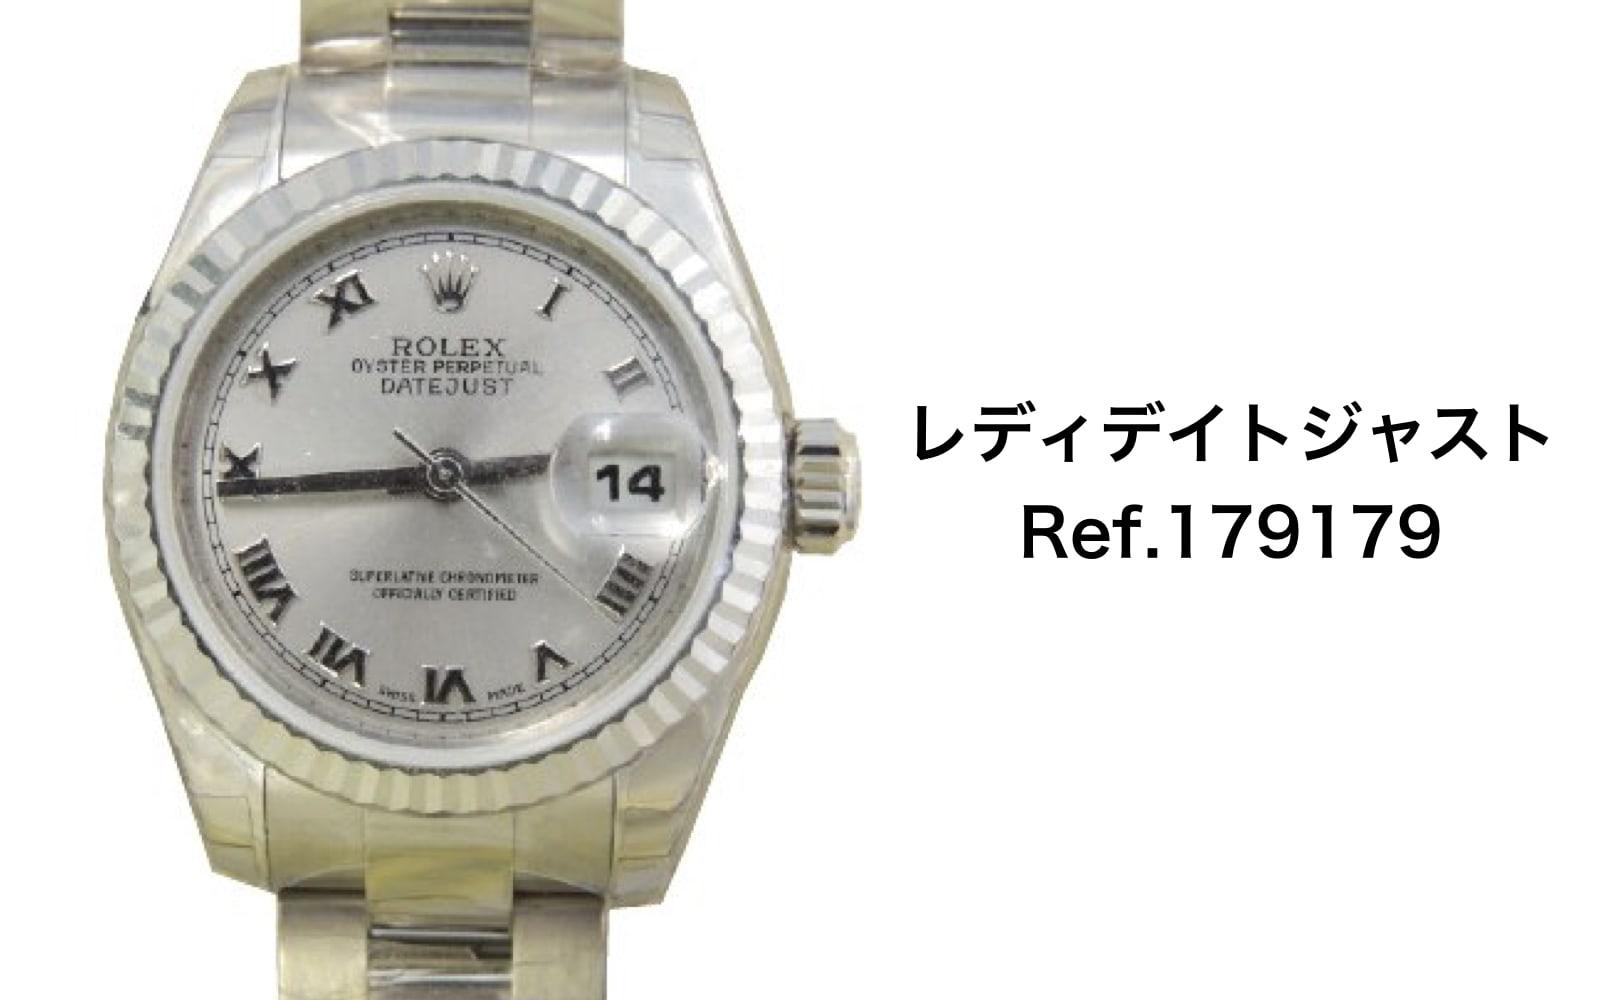 super popular 7f6a7 1329d ロレックス レディース デイトジャスト 179179 買取価格2018年2月